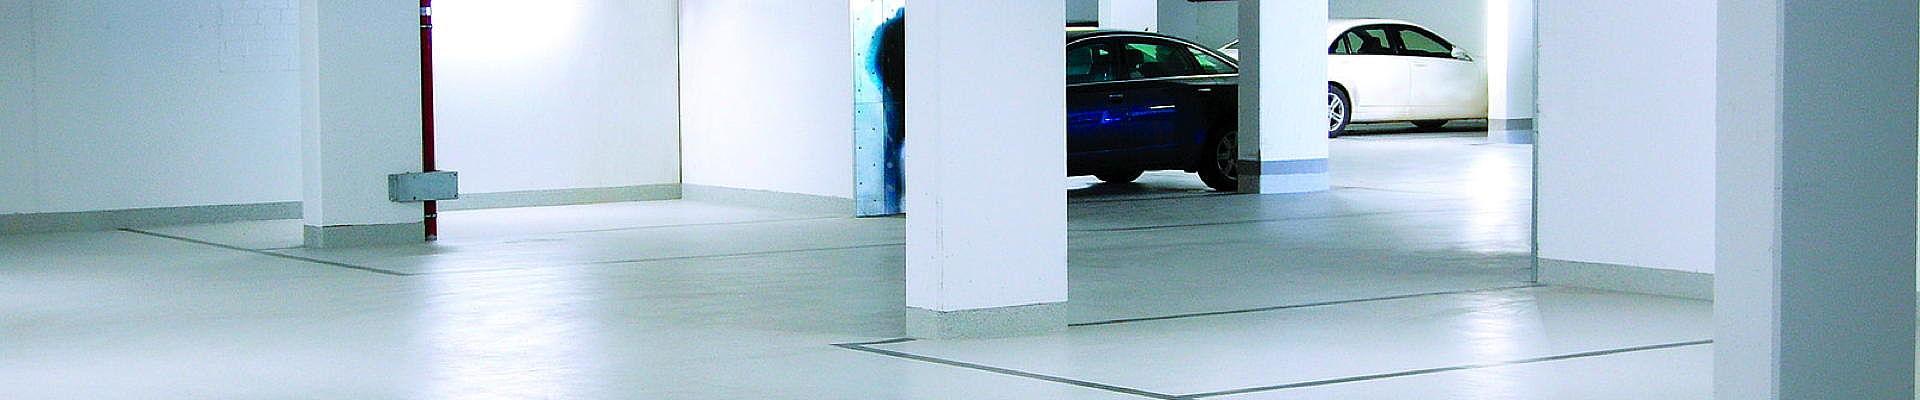 Flüssigkunststoff für Tiefgarage und Parkhaus. Eine saubere Lösung.